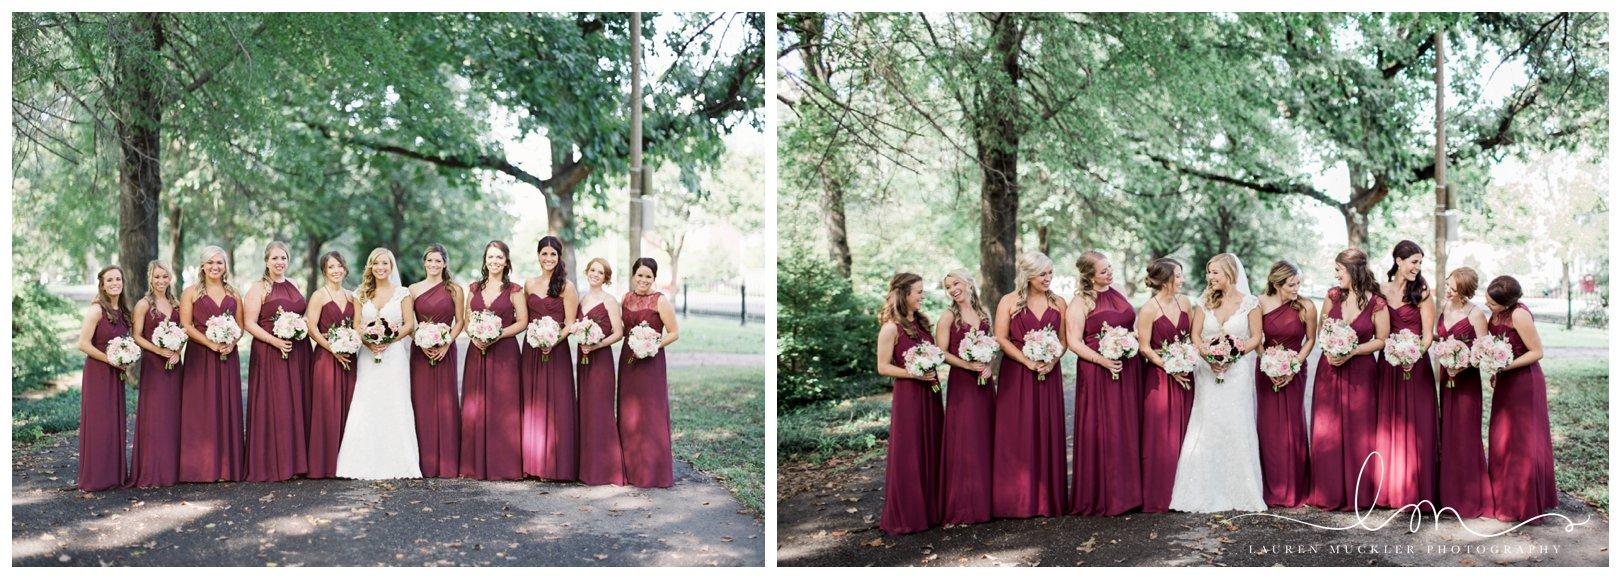 lauren muckler photography_fine art film wedding photography_st louis_photography_0814.jpg